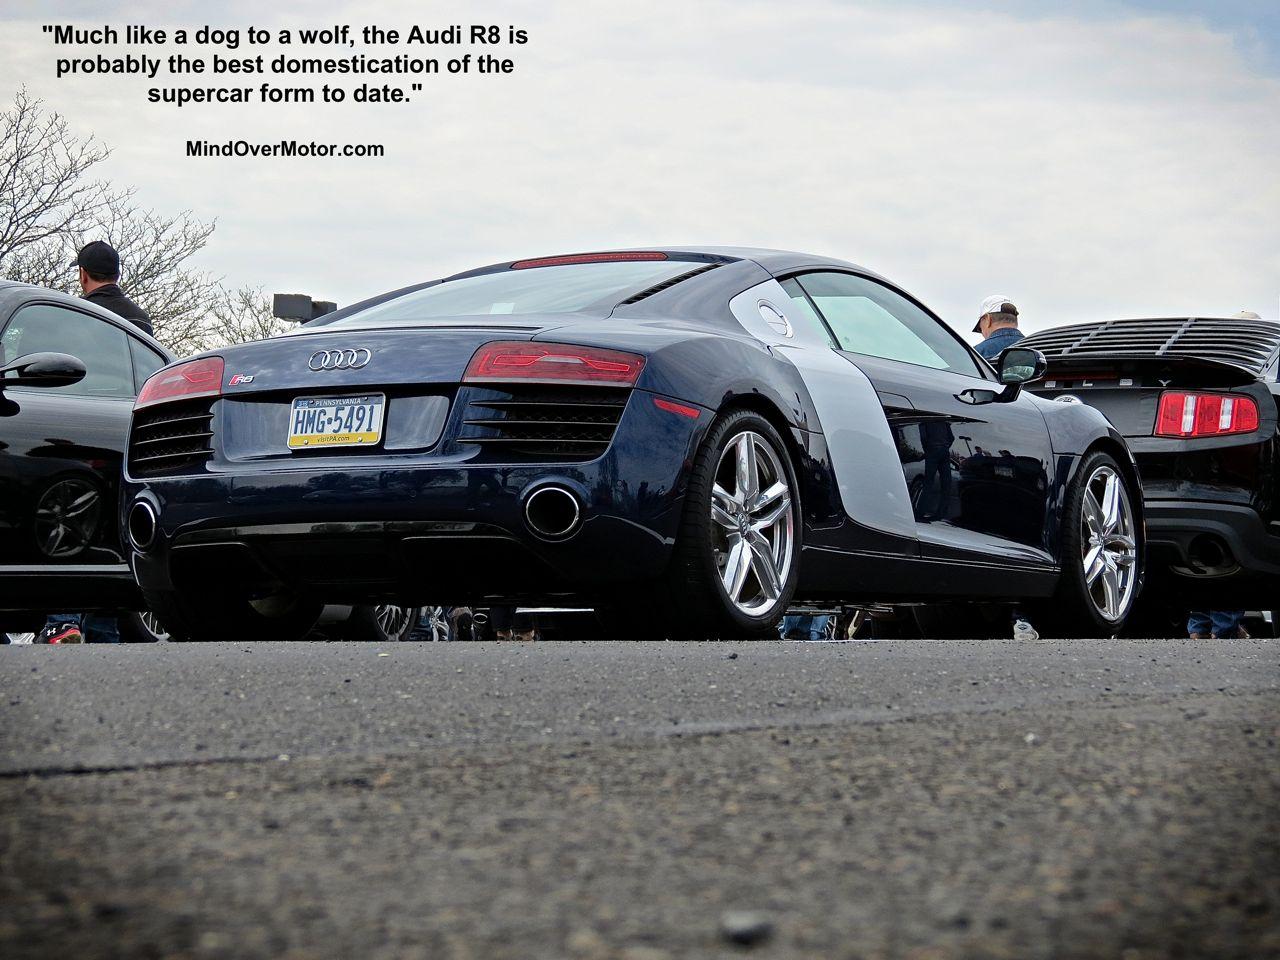 Audi R8 4.2 V8